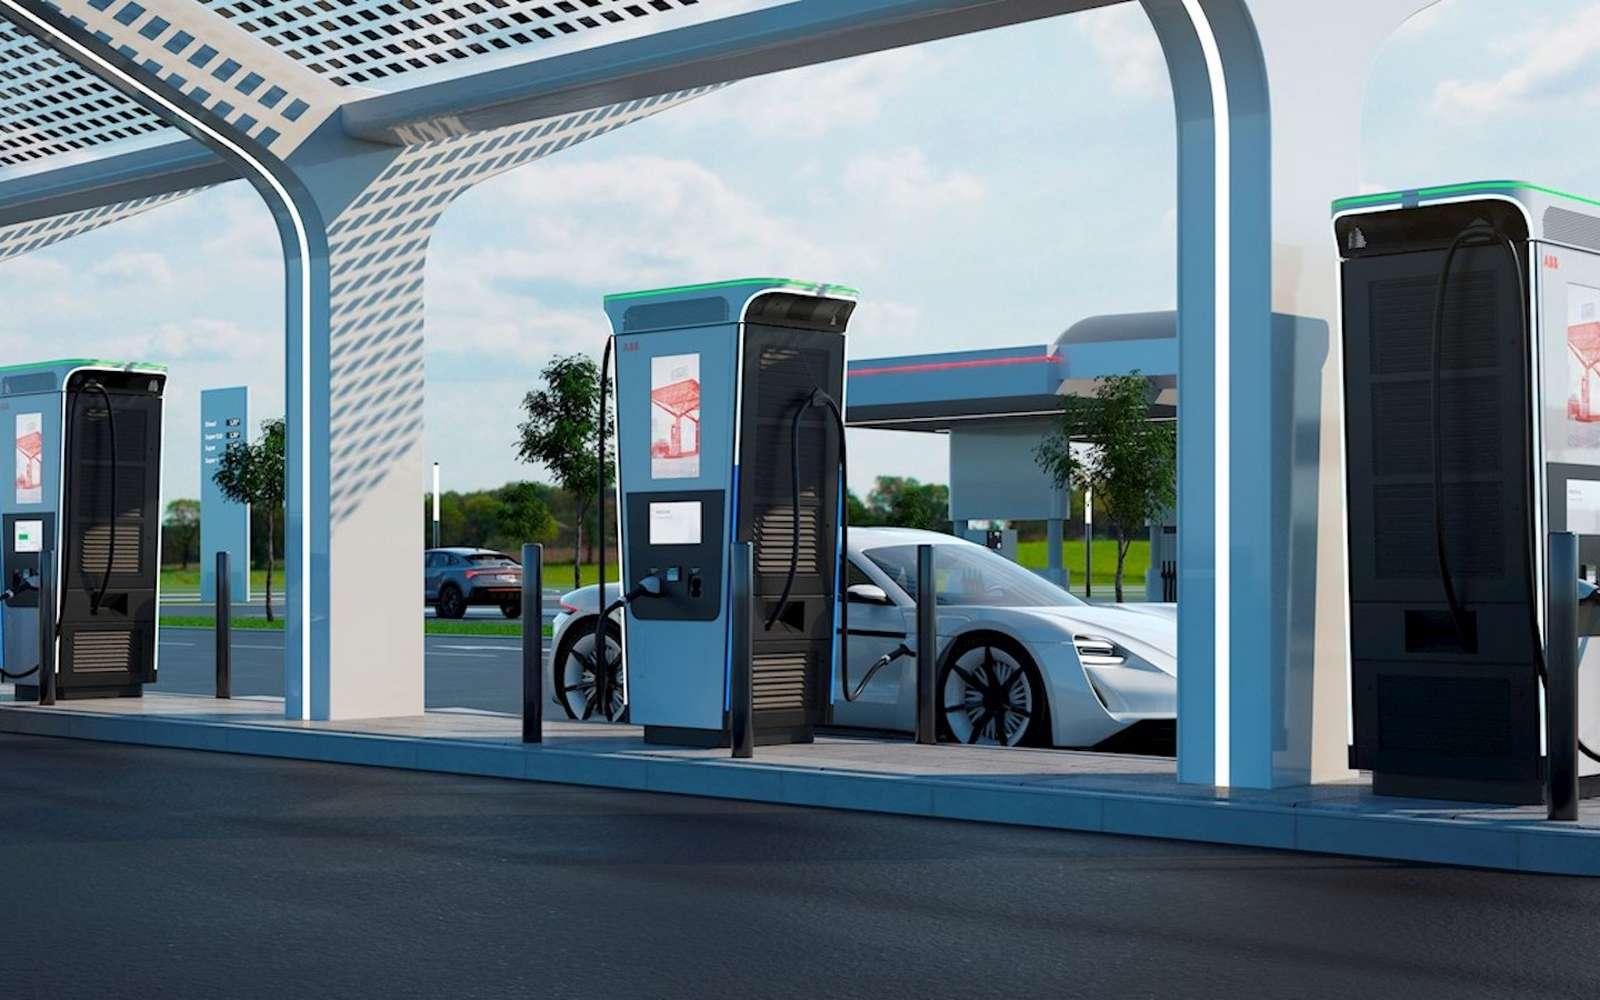 La borne de recharge Terra 360 d'ABB est destinée aux stations-service et aux entreprises. © ABB